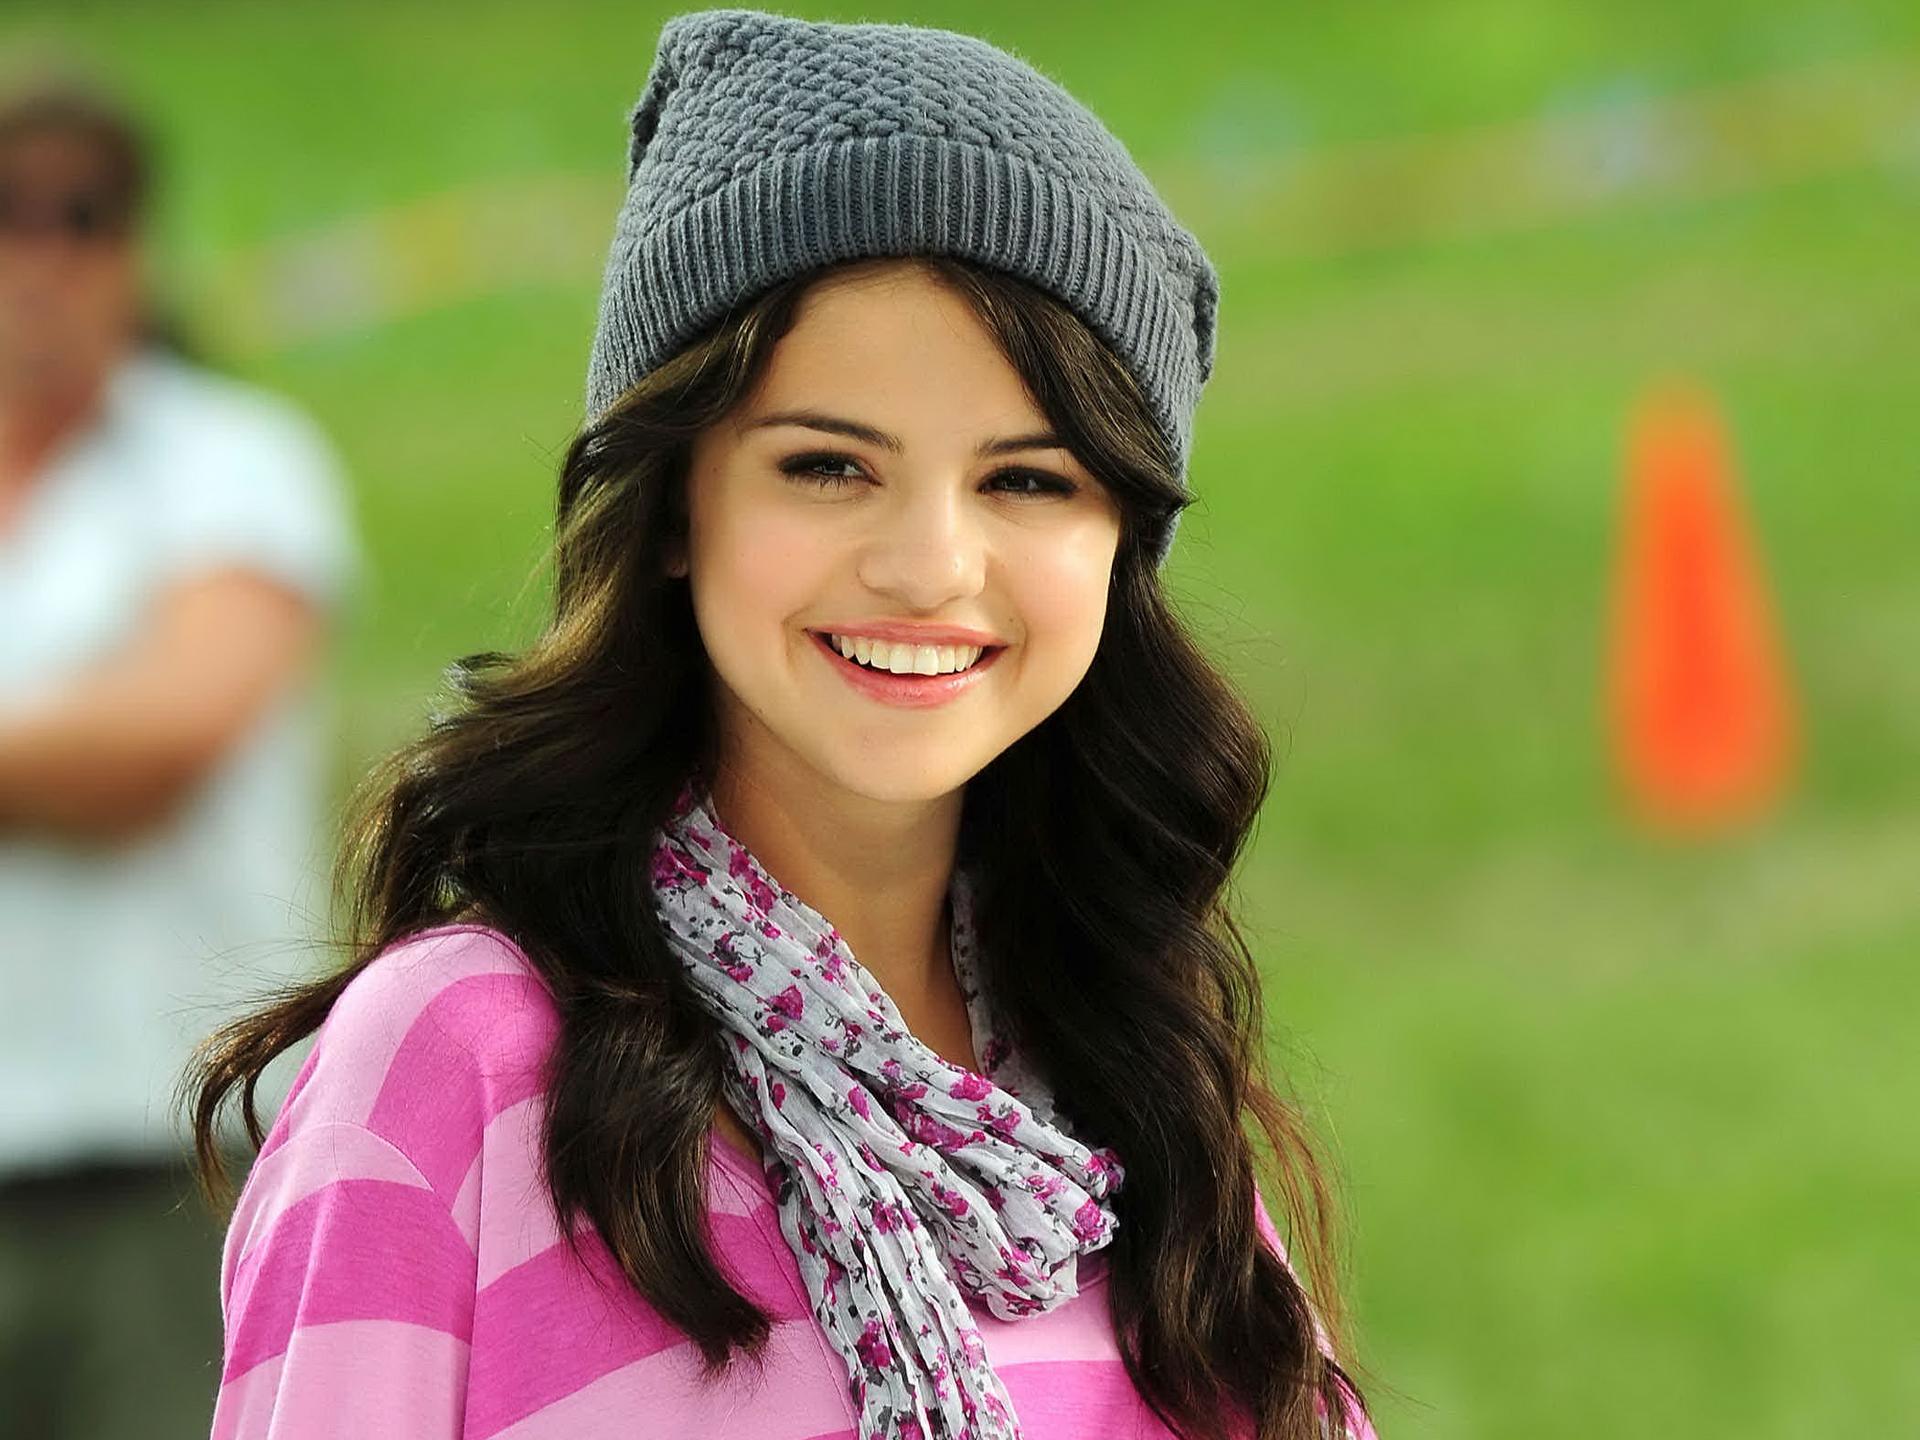 Selena Gomez Fonds D'écran, Arrières-plan